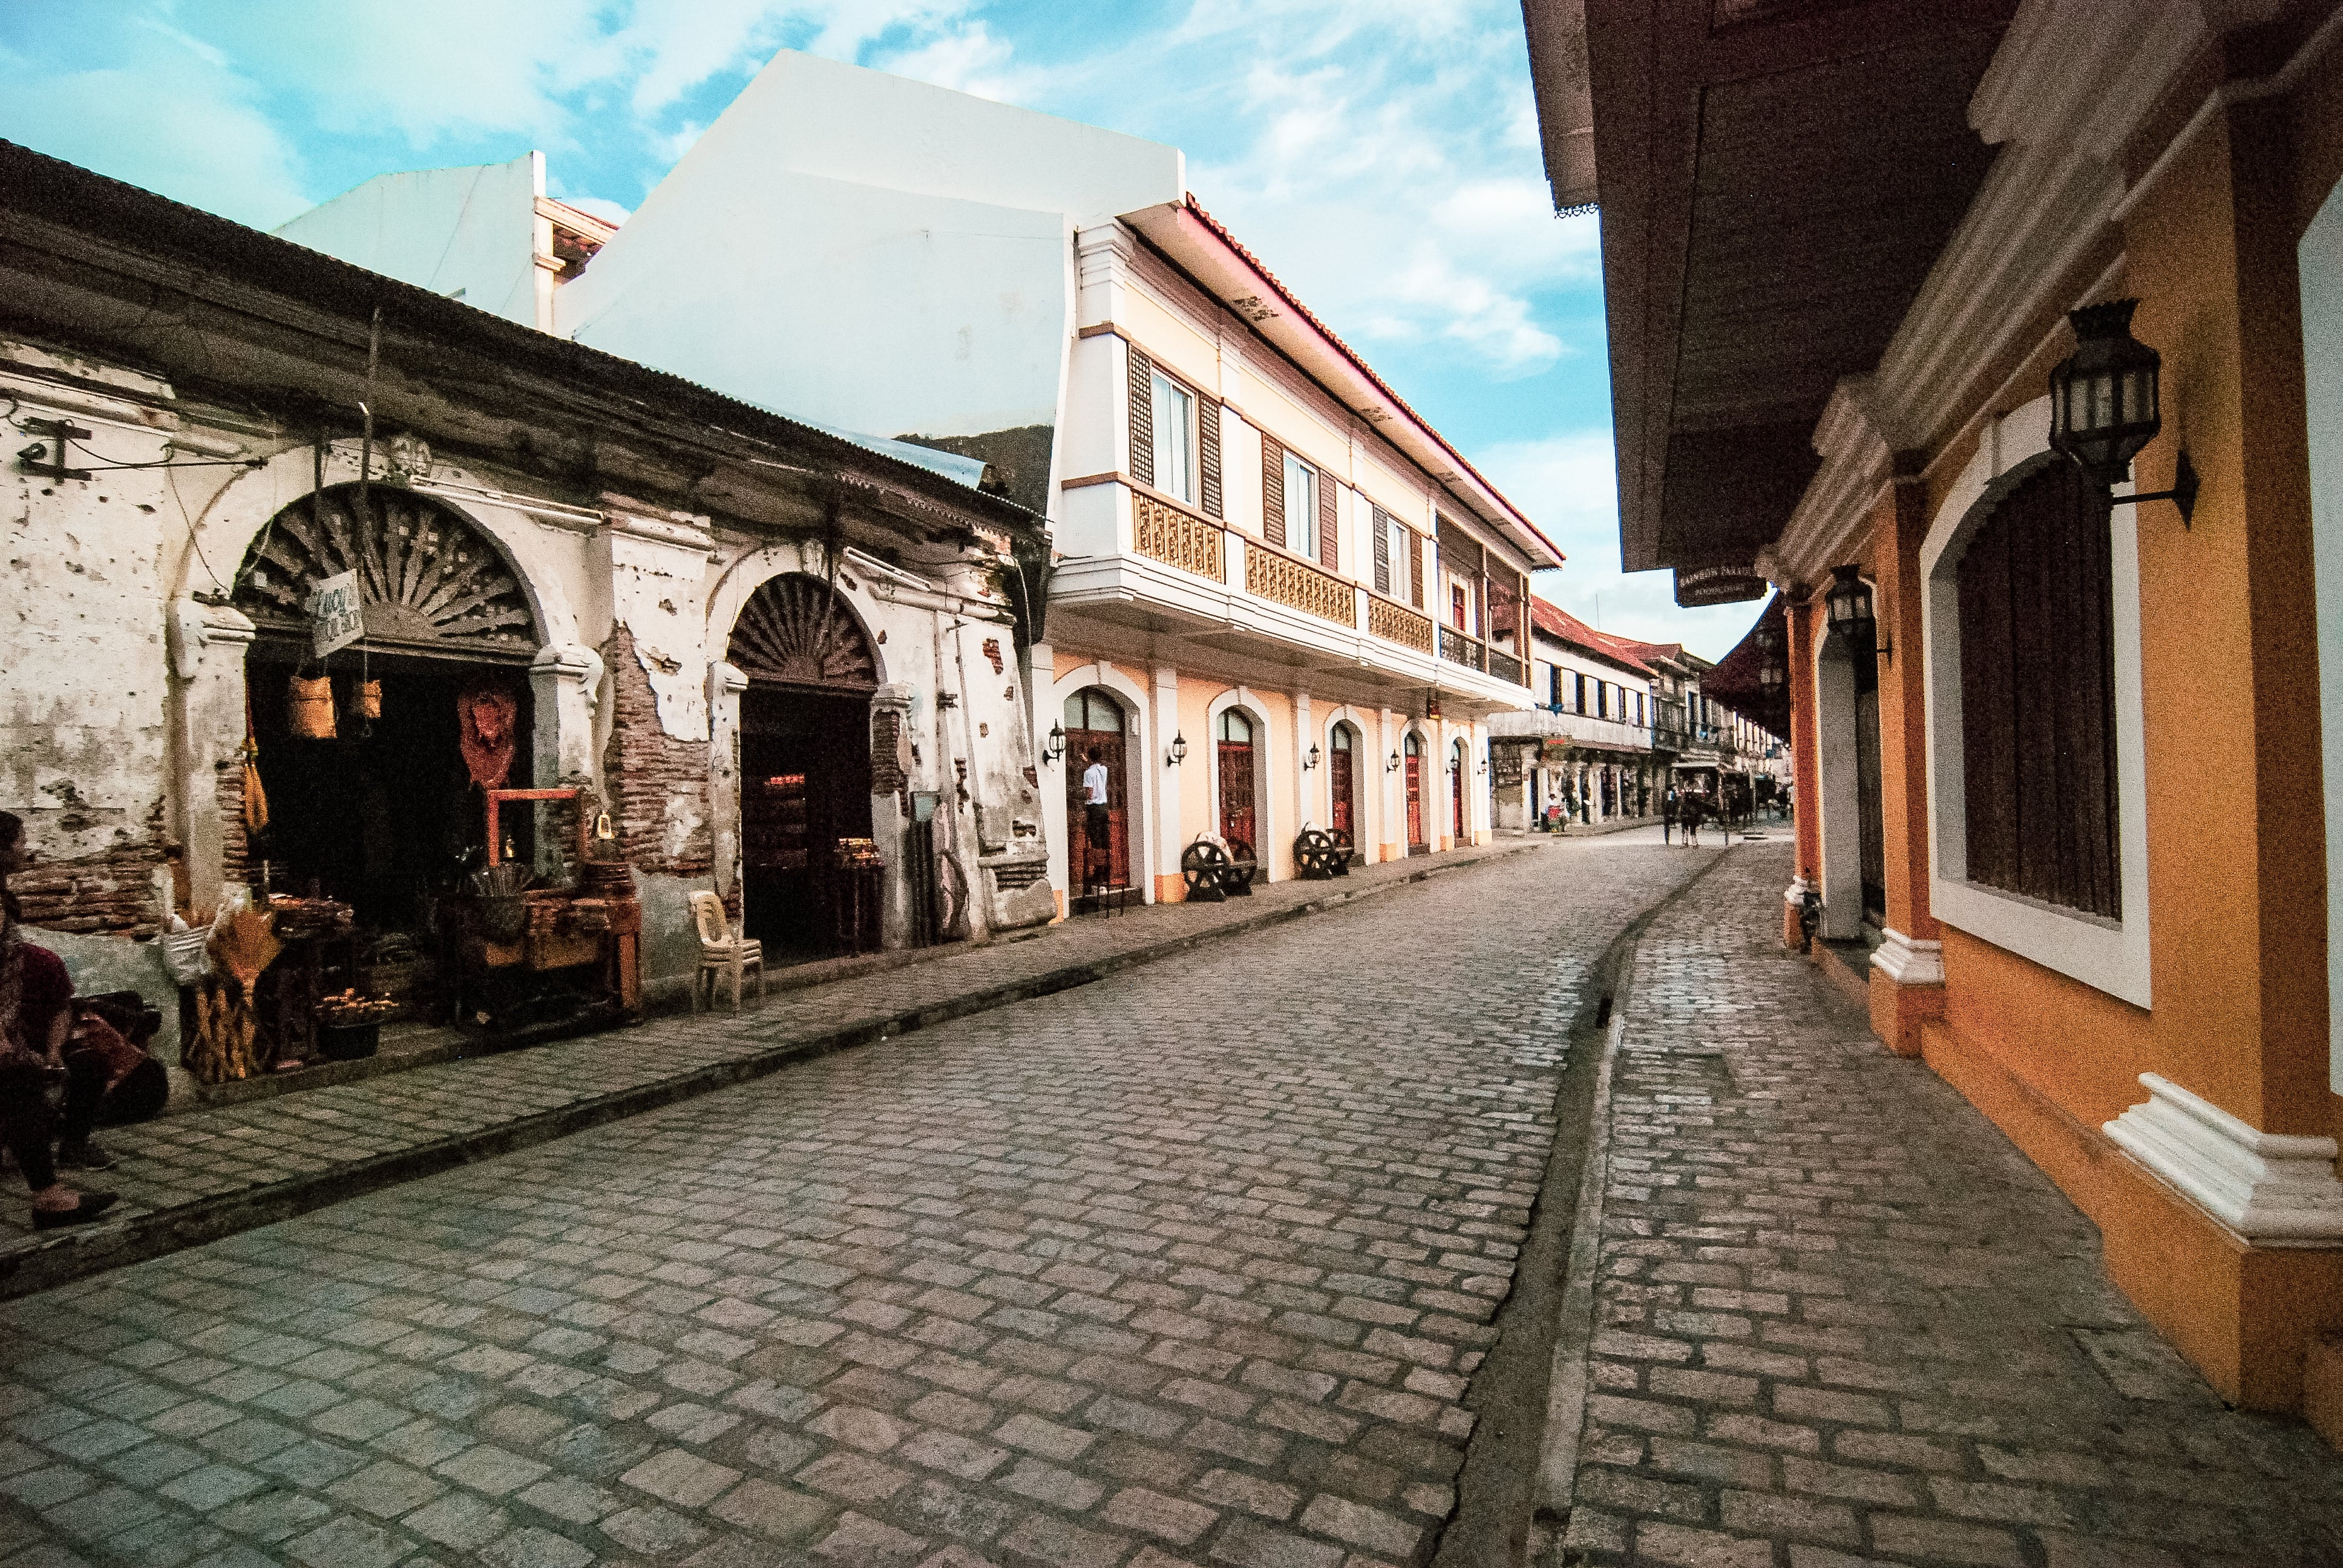 Cobblestone streets of Calle Crisologo